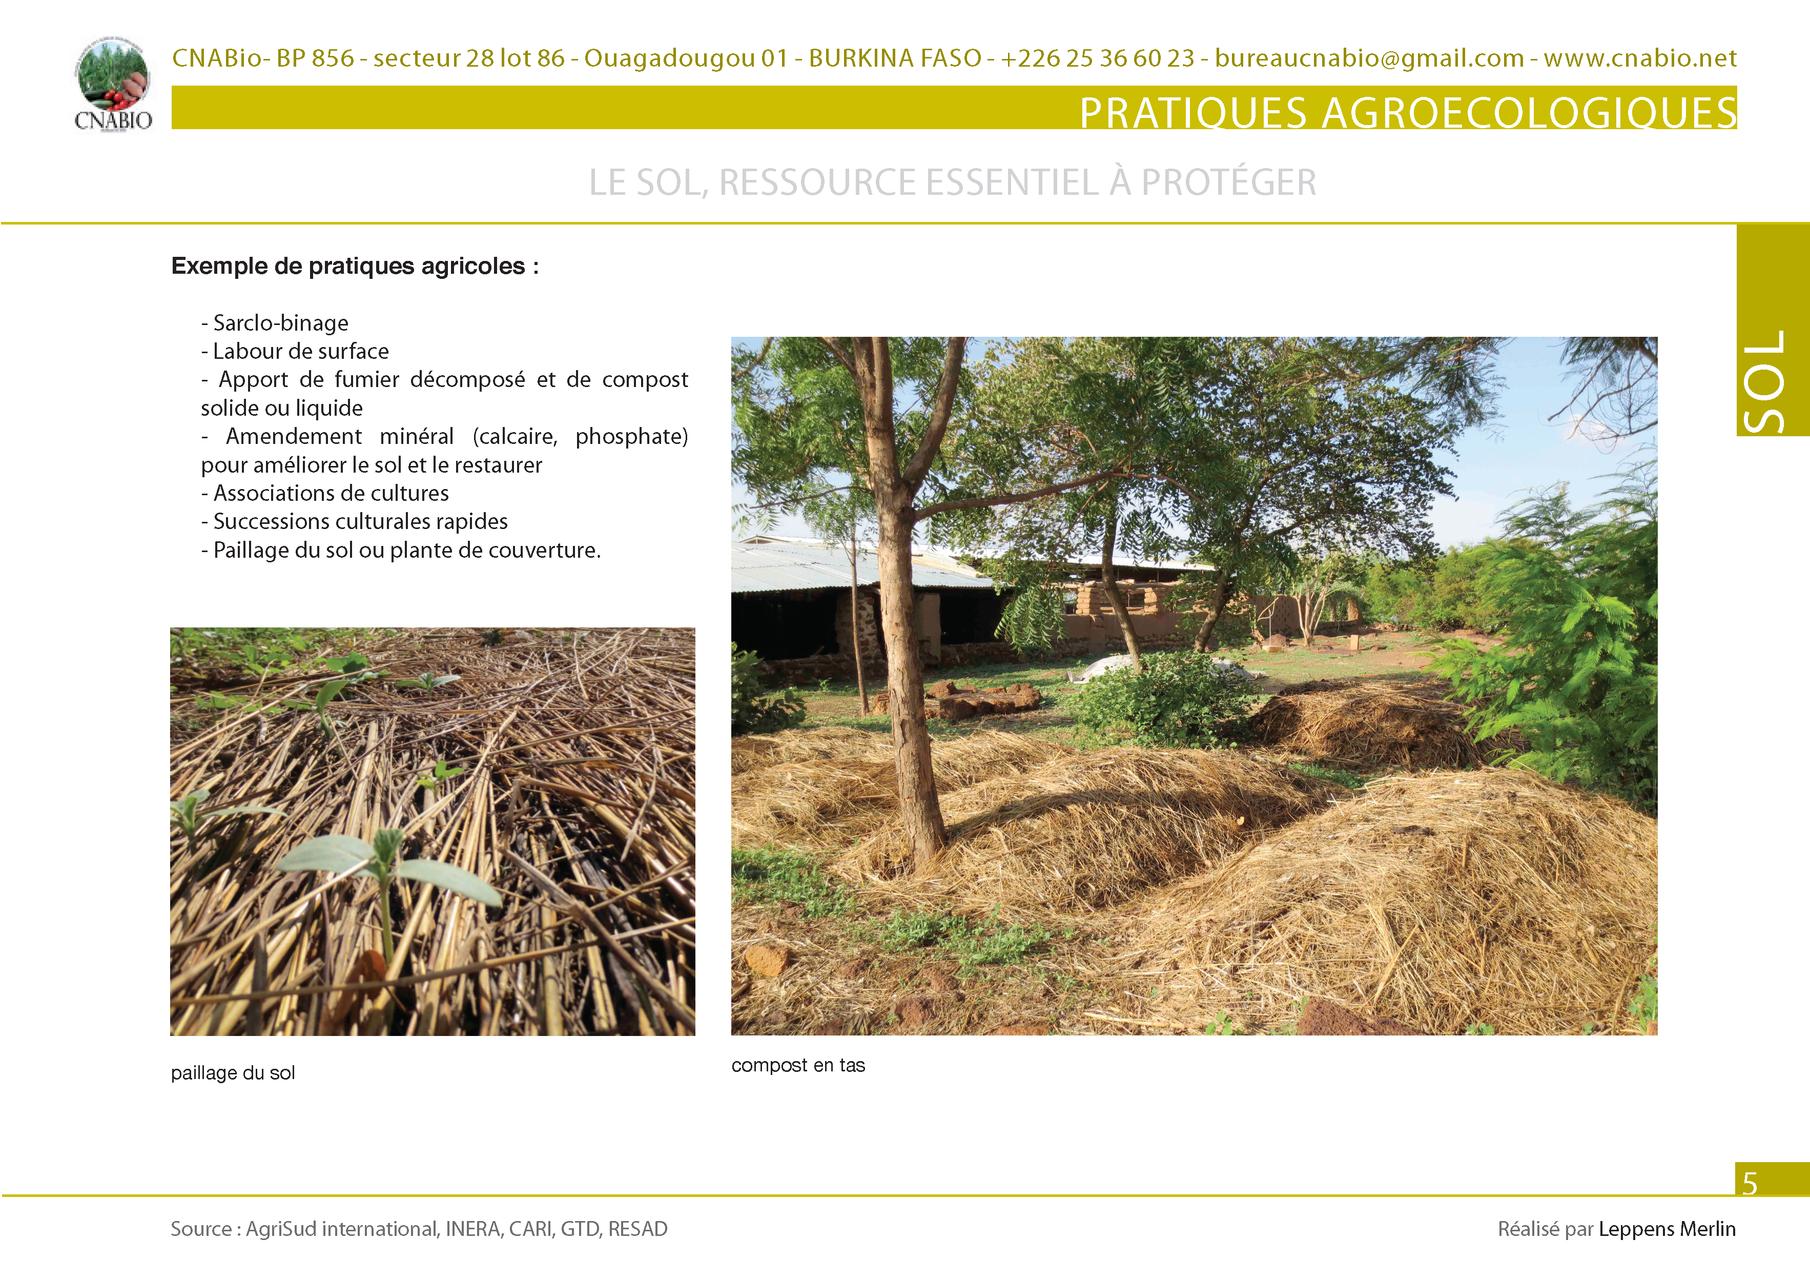 Les Pratiques Agroecologiques Site Du Cnabio